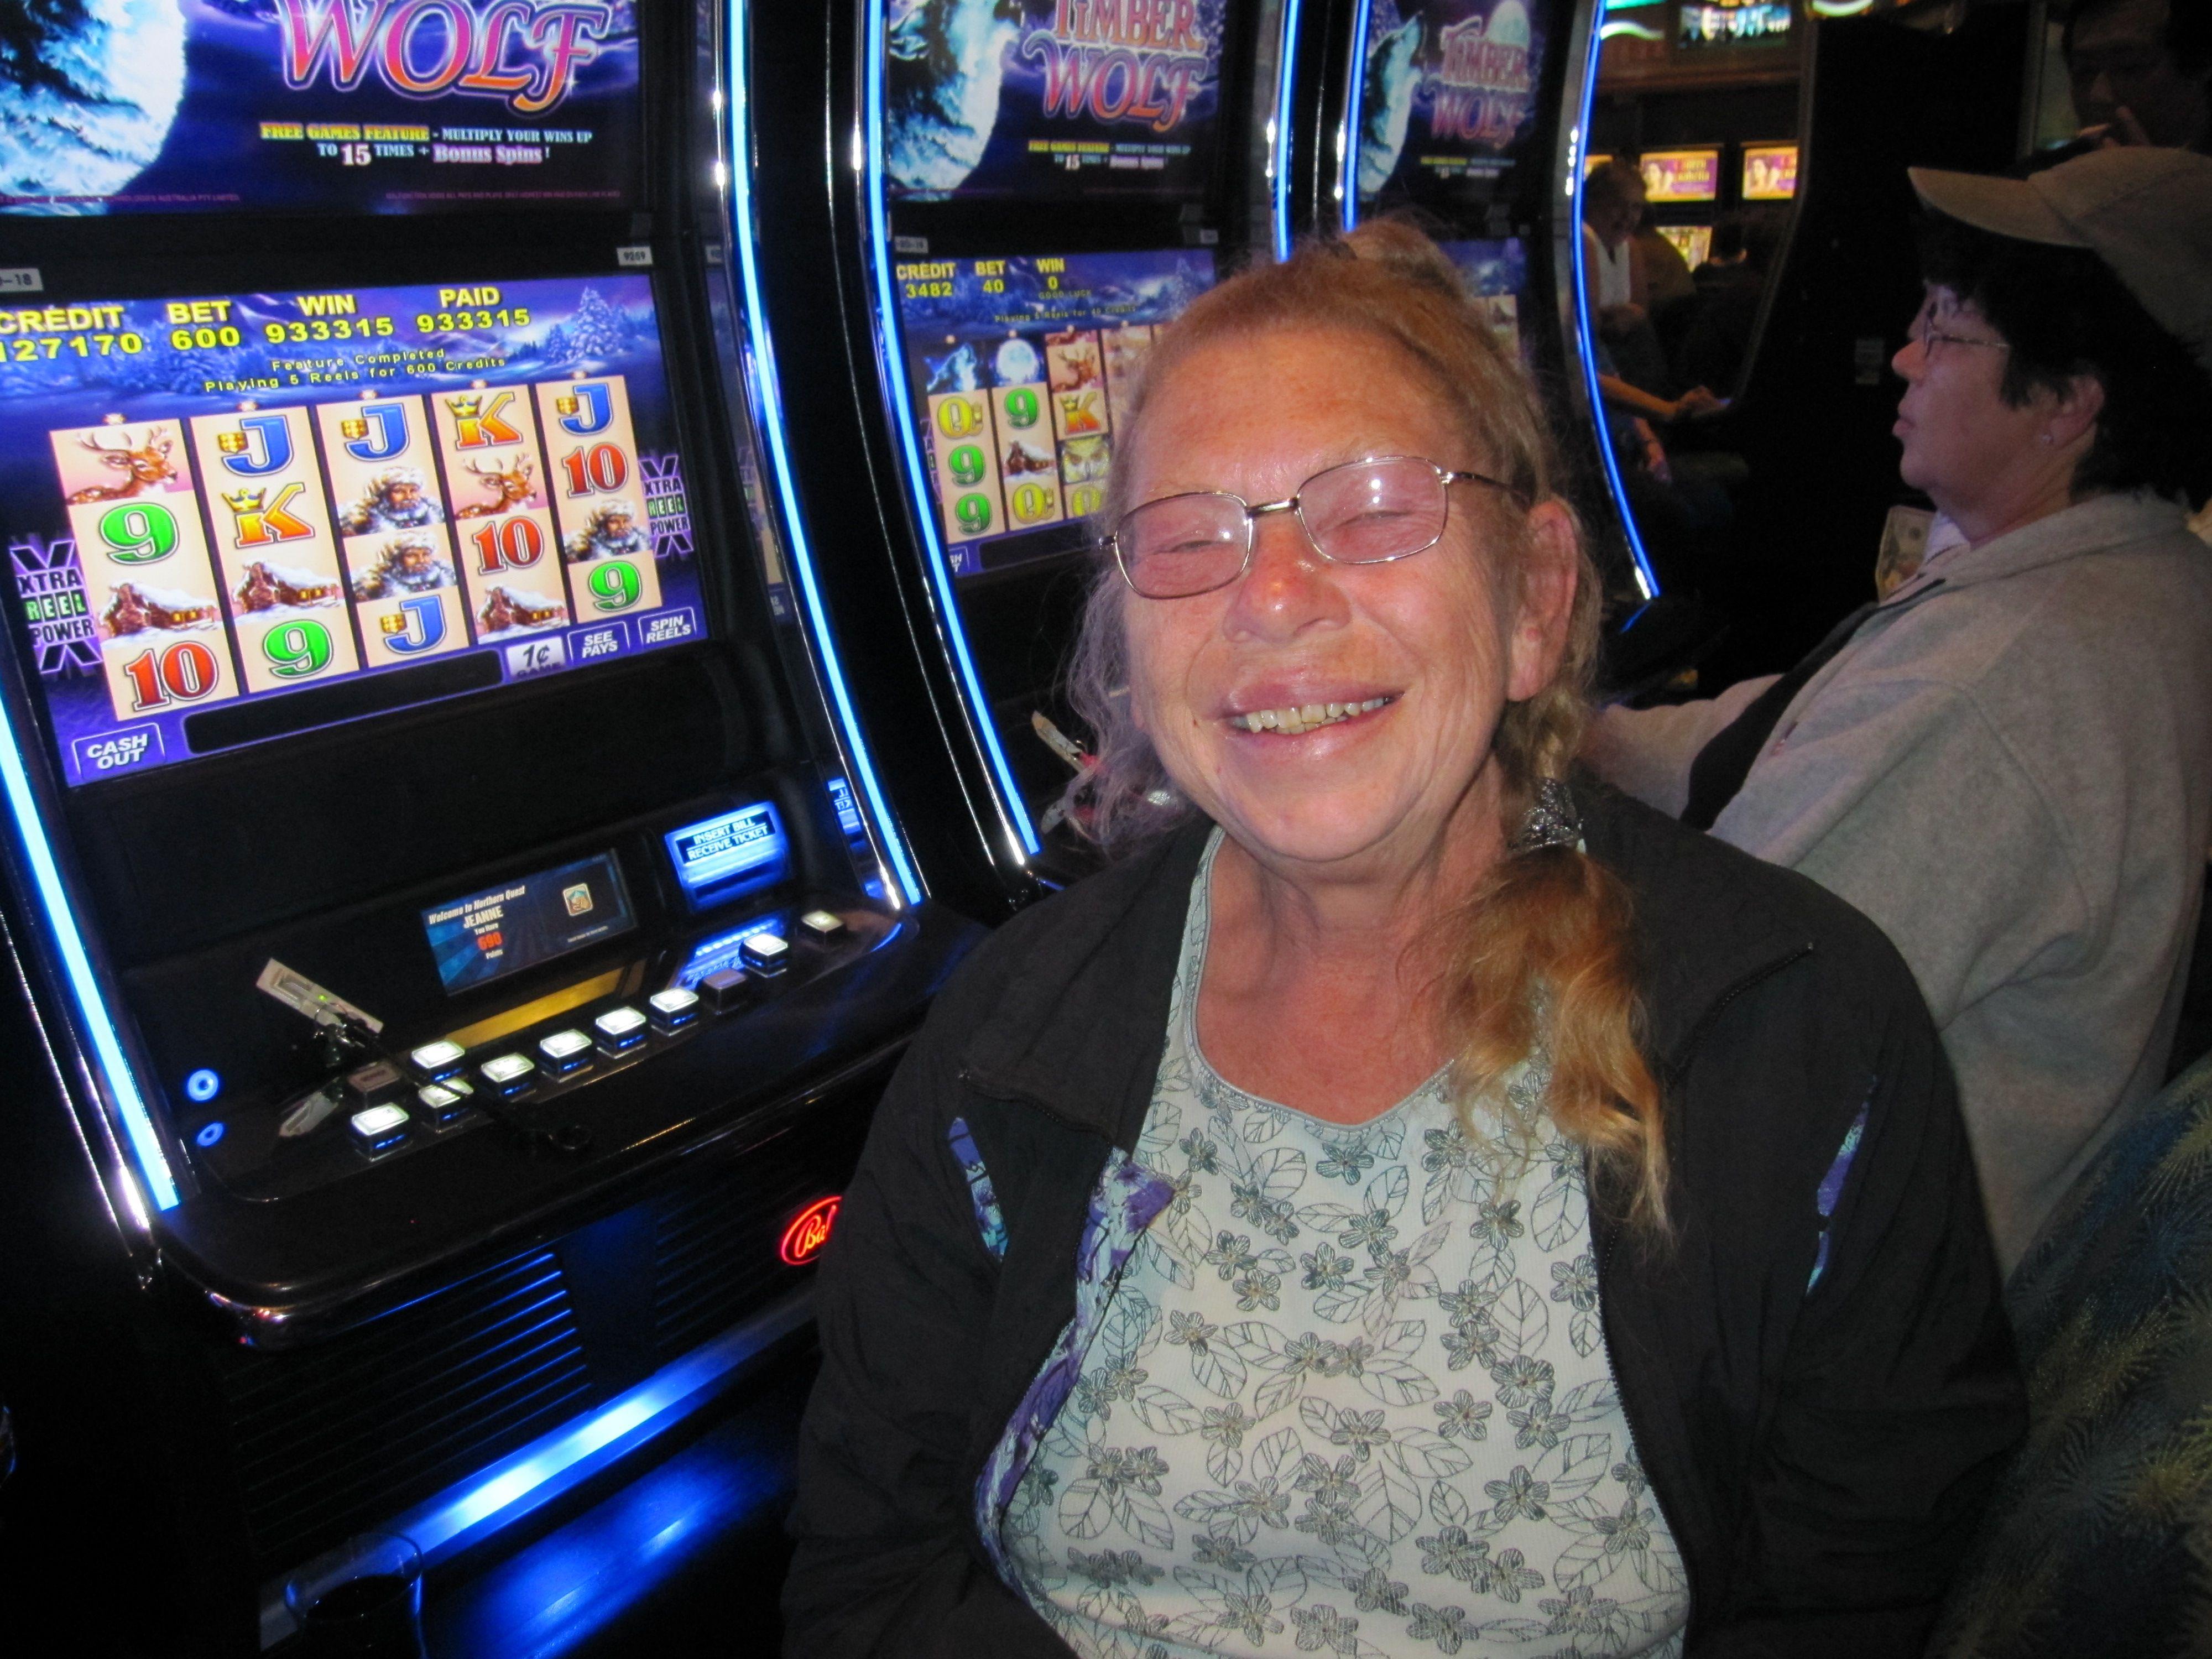 Wolf casino wa gambling addiction help slidell louisiana